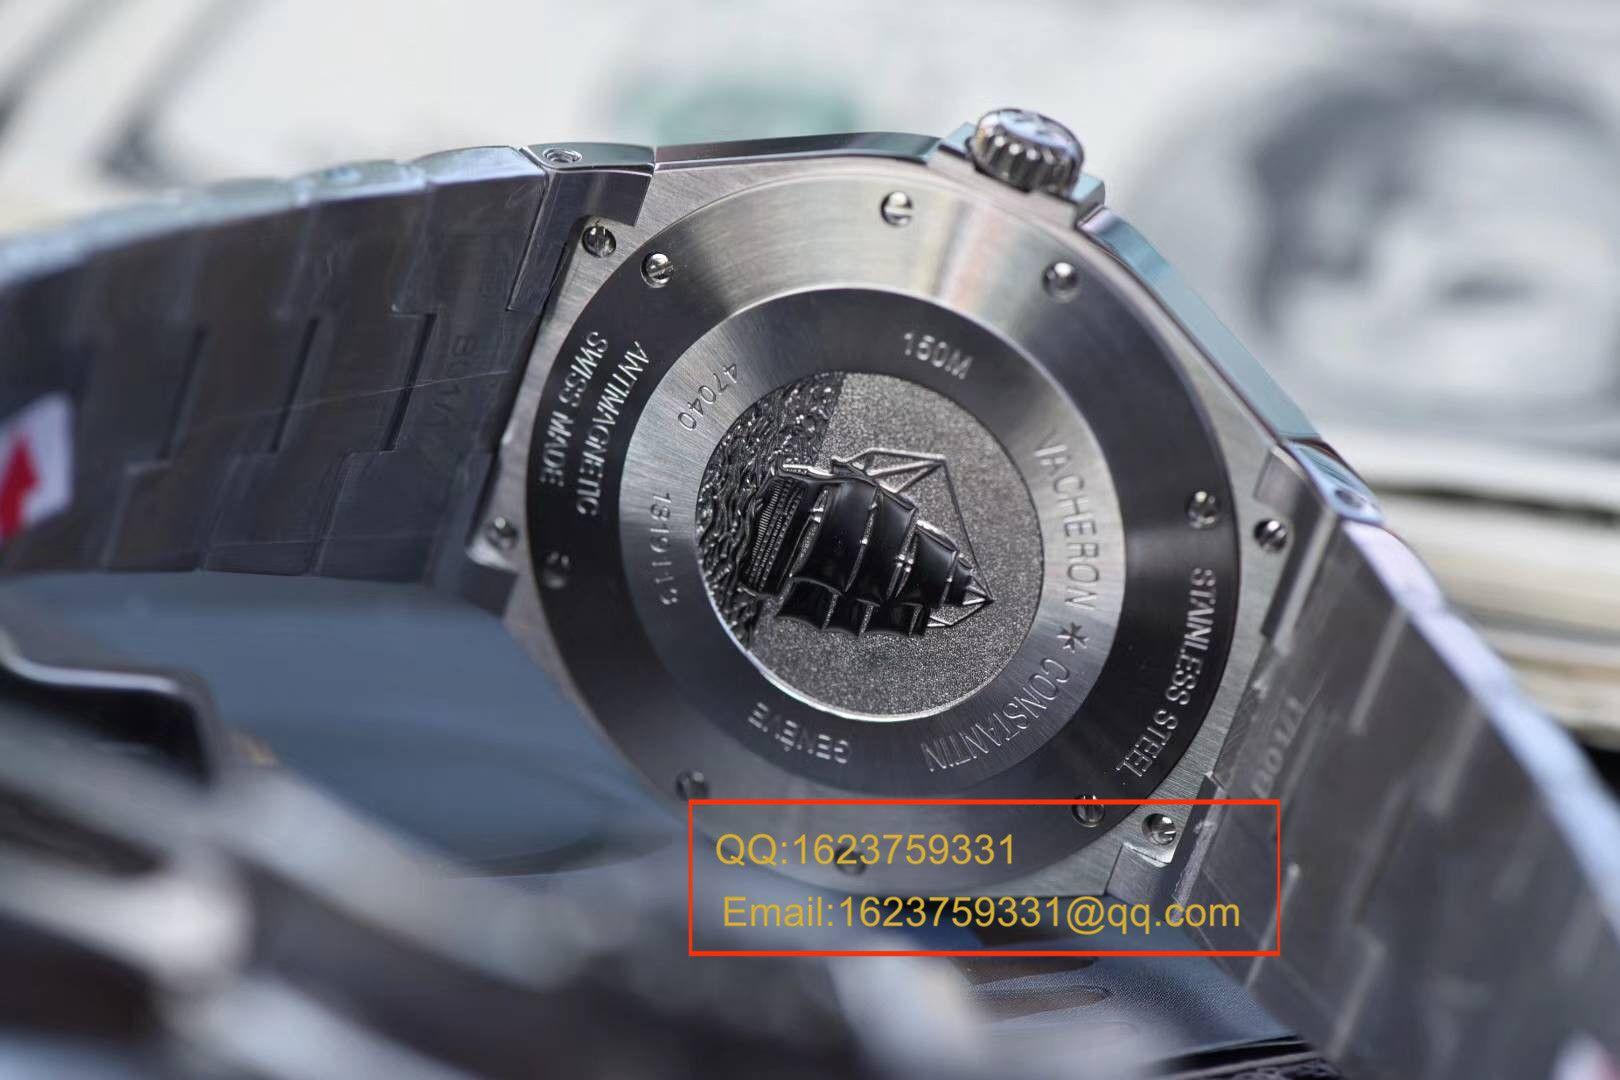 【独家视频评测JJ一比一超A精仿手表】江诗丹顿纵横四海系列47040/B01A-9094腕表 / JSBI117